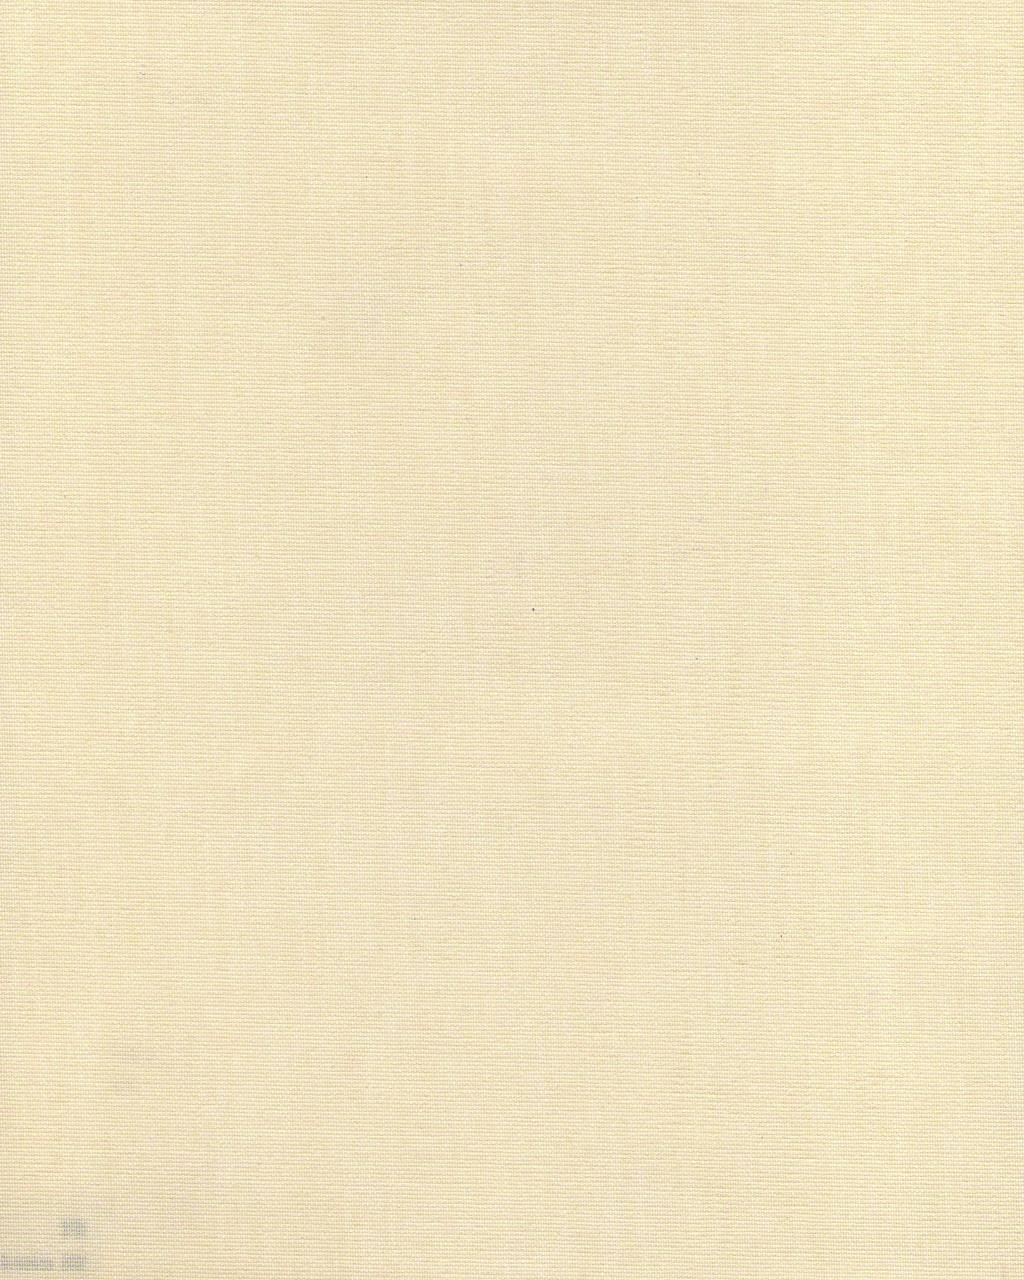 Тканевая ролета Ара 1005 персиковая. 500*1600 мм